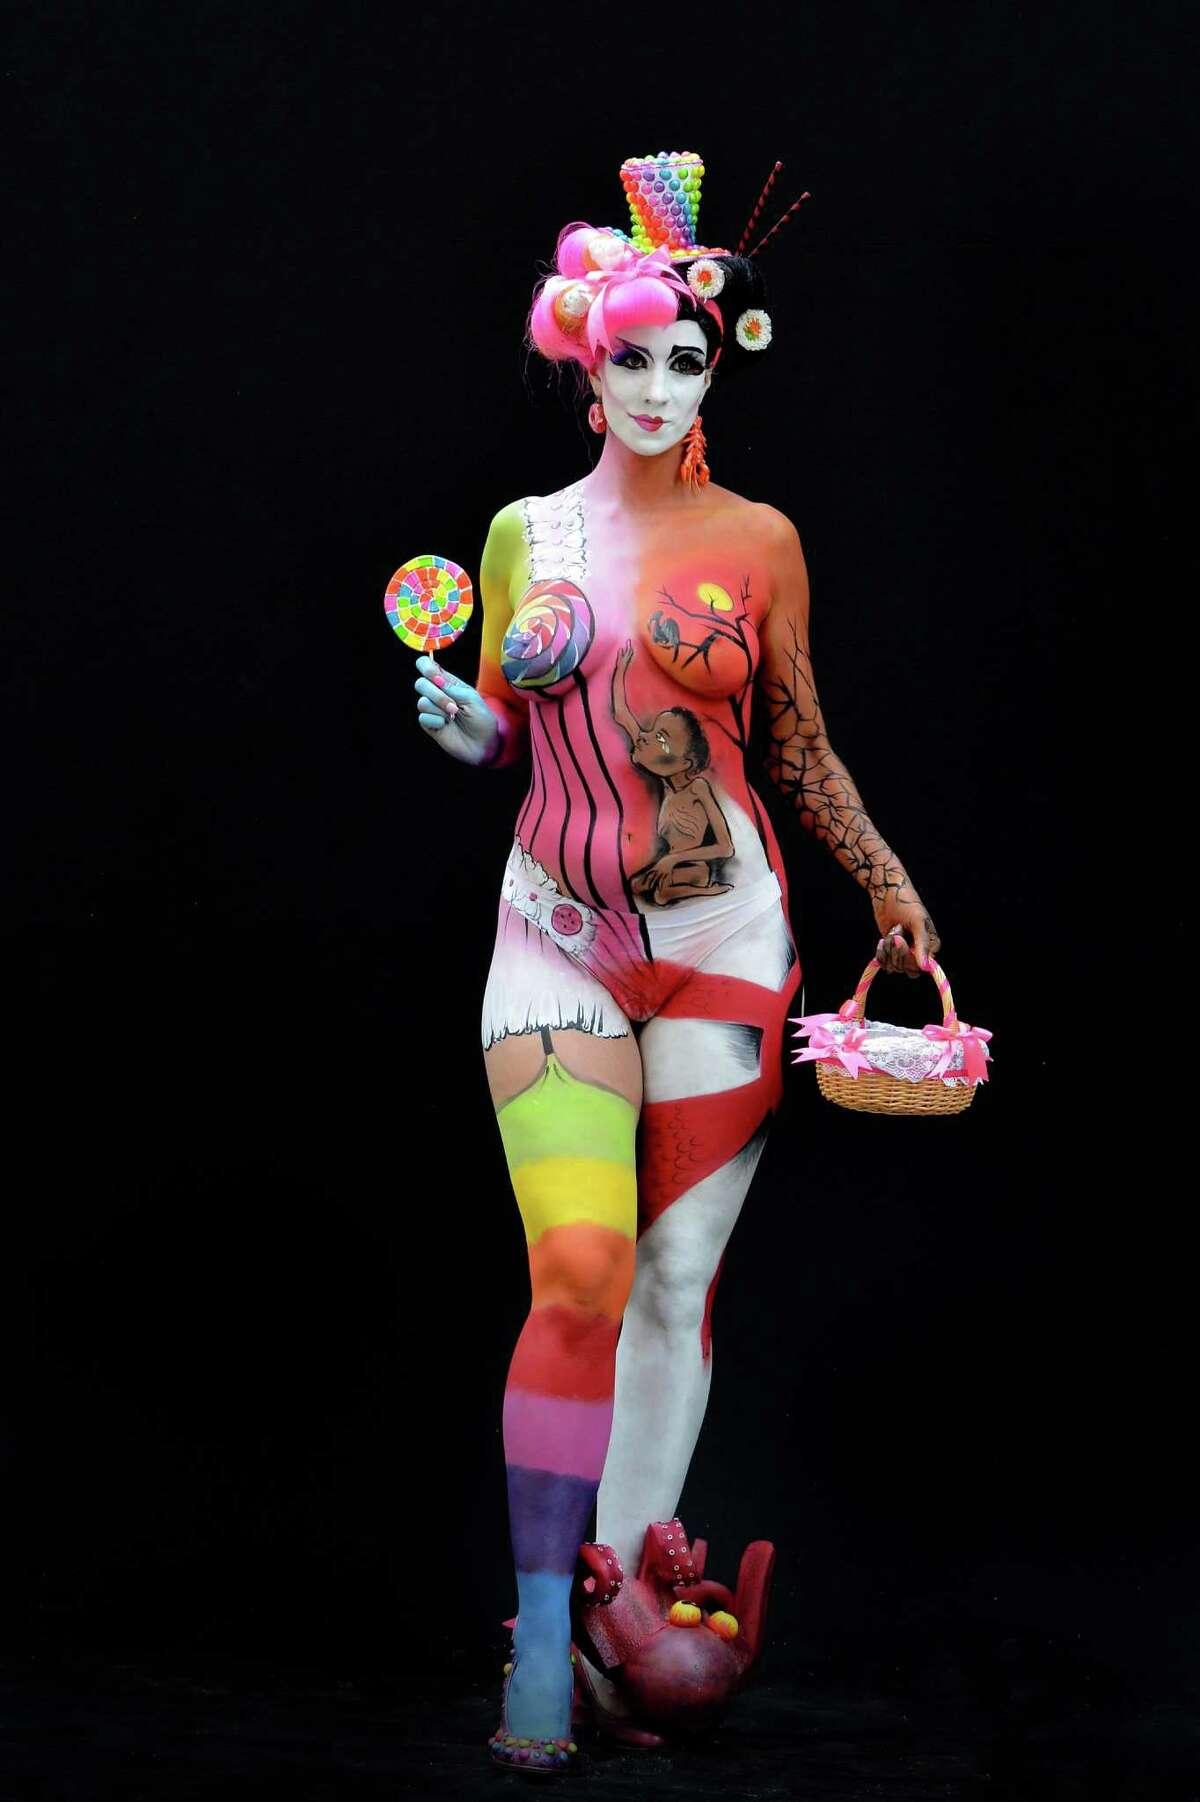 World Bodypainting Festival shows stunning artwork on